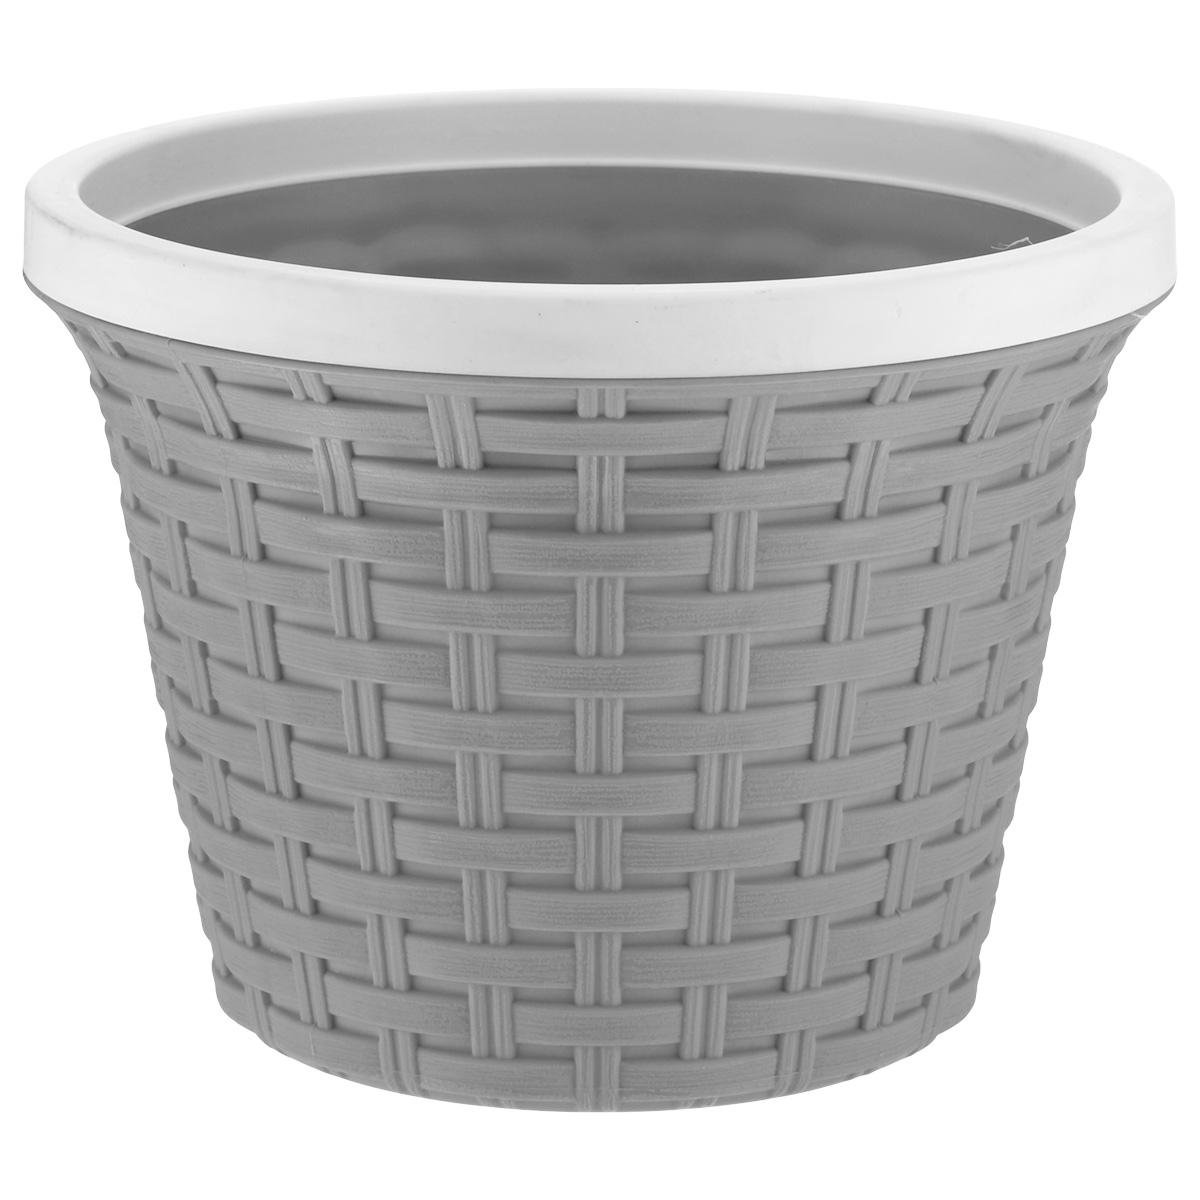 Кашпо Violet Ротанг, с дренажной системой, цвет: серый, 8,8 л32880/8Кашпо Violet Ротанг изготовлено из высококачественного пластика и оснащено дренажной системой для быстрого отведения избытка воды при поливе. Изделие прекрасно подходит для выращивания растений и цветов в домашних условиях. Лаконичный дизайн впишется в интерьер любого помещения.Объем: 8,8 л.